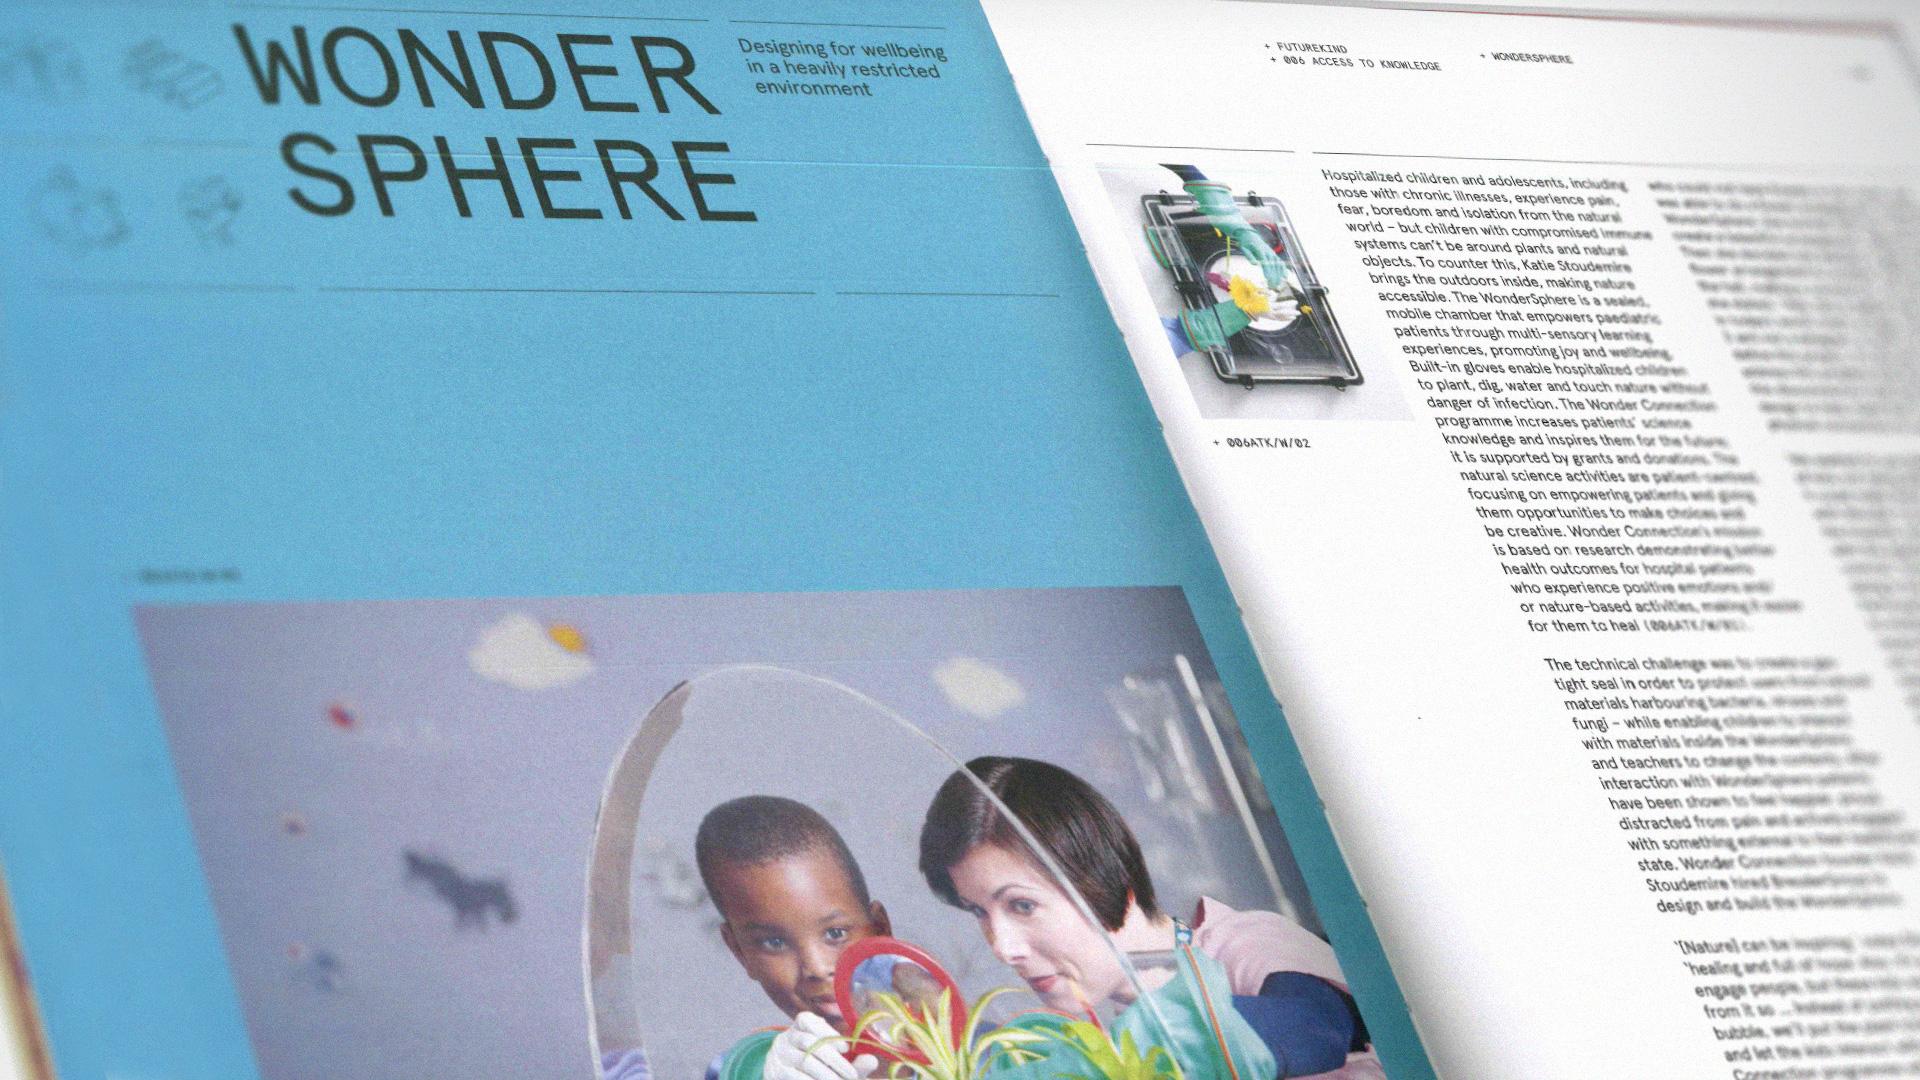 WonderSphere in New Book,